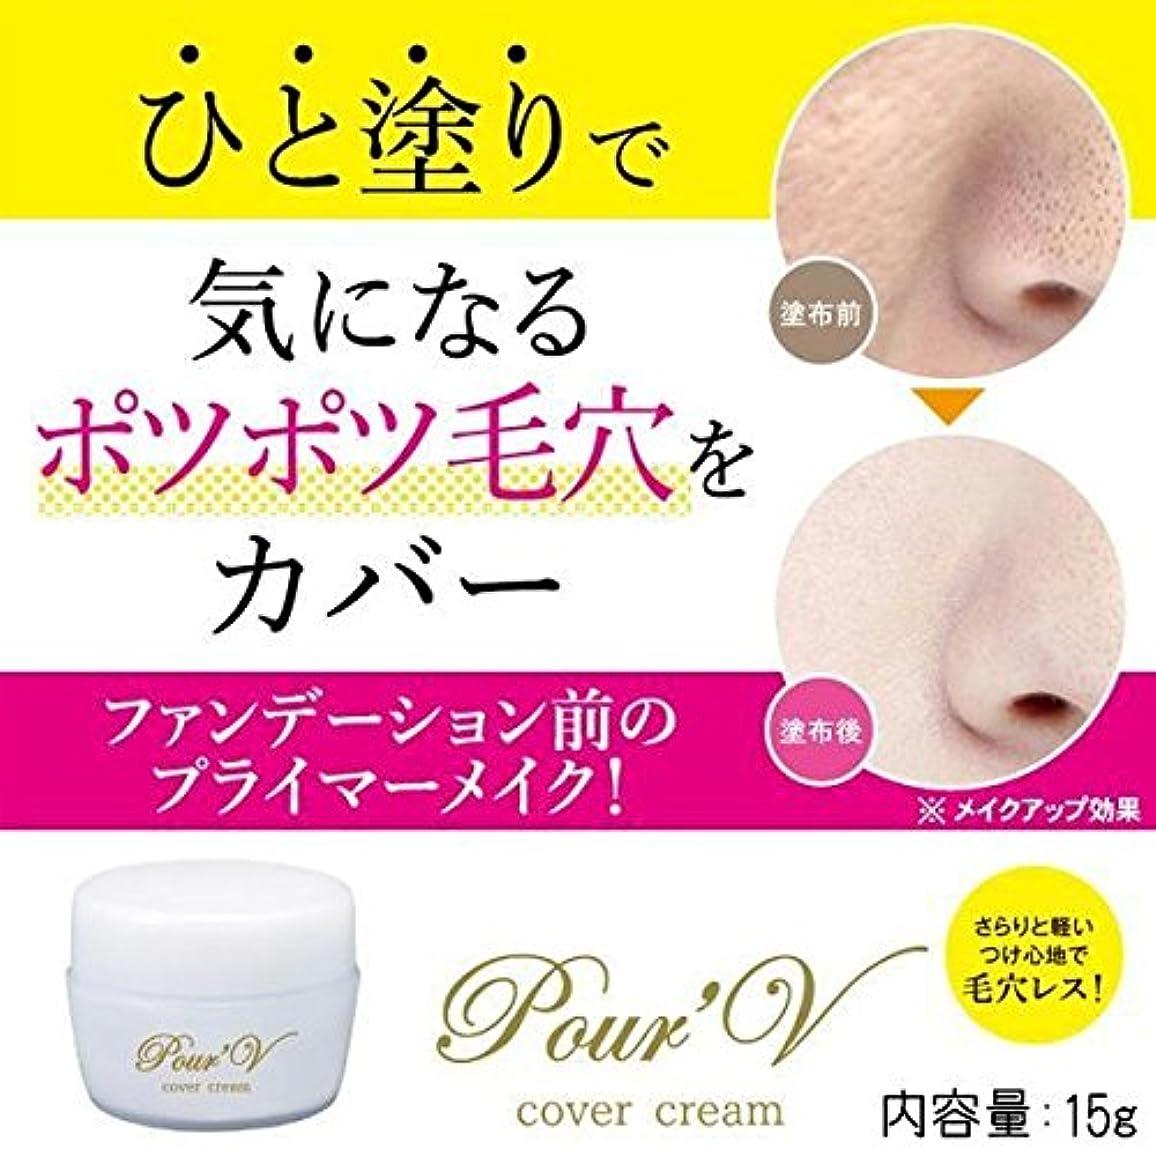 整然としたばかげている不十分なPour'V(プレヴ) cover cream(カバークリーム) 下地クリーム15g